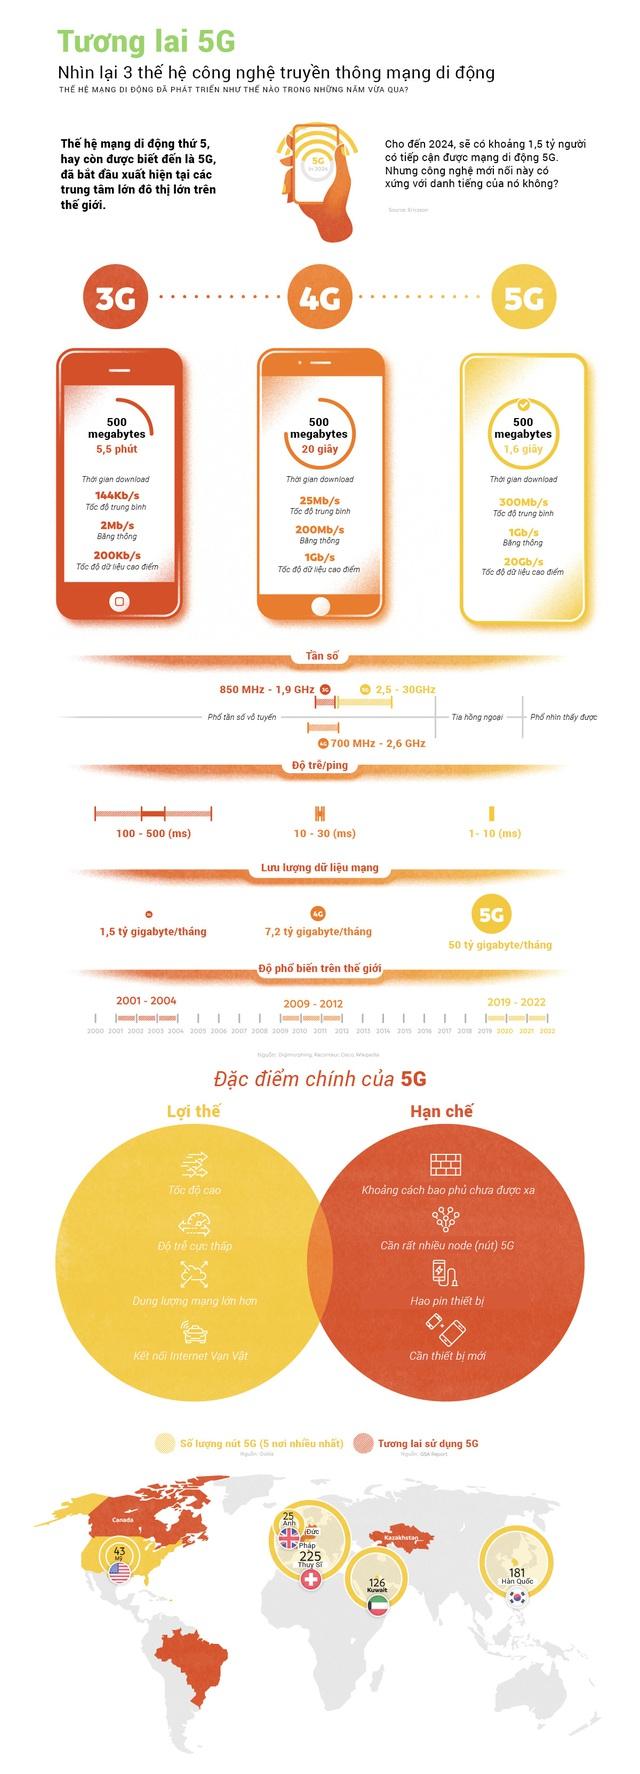 Khi 5G bỏ xa 3G và 4G: Nhìn lại 3 thế hệ mạng di động - Ảnh 1.